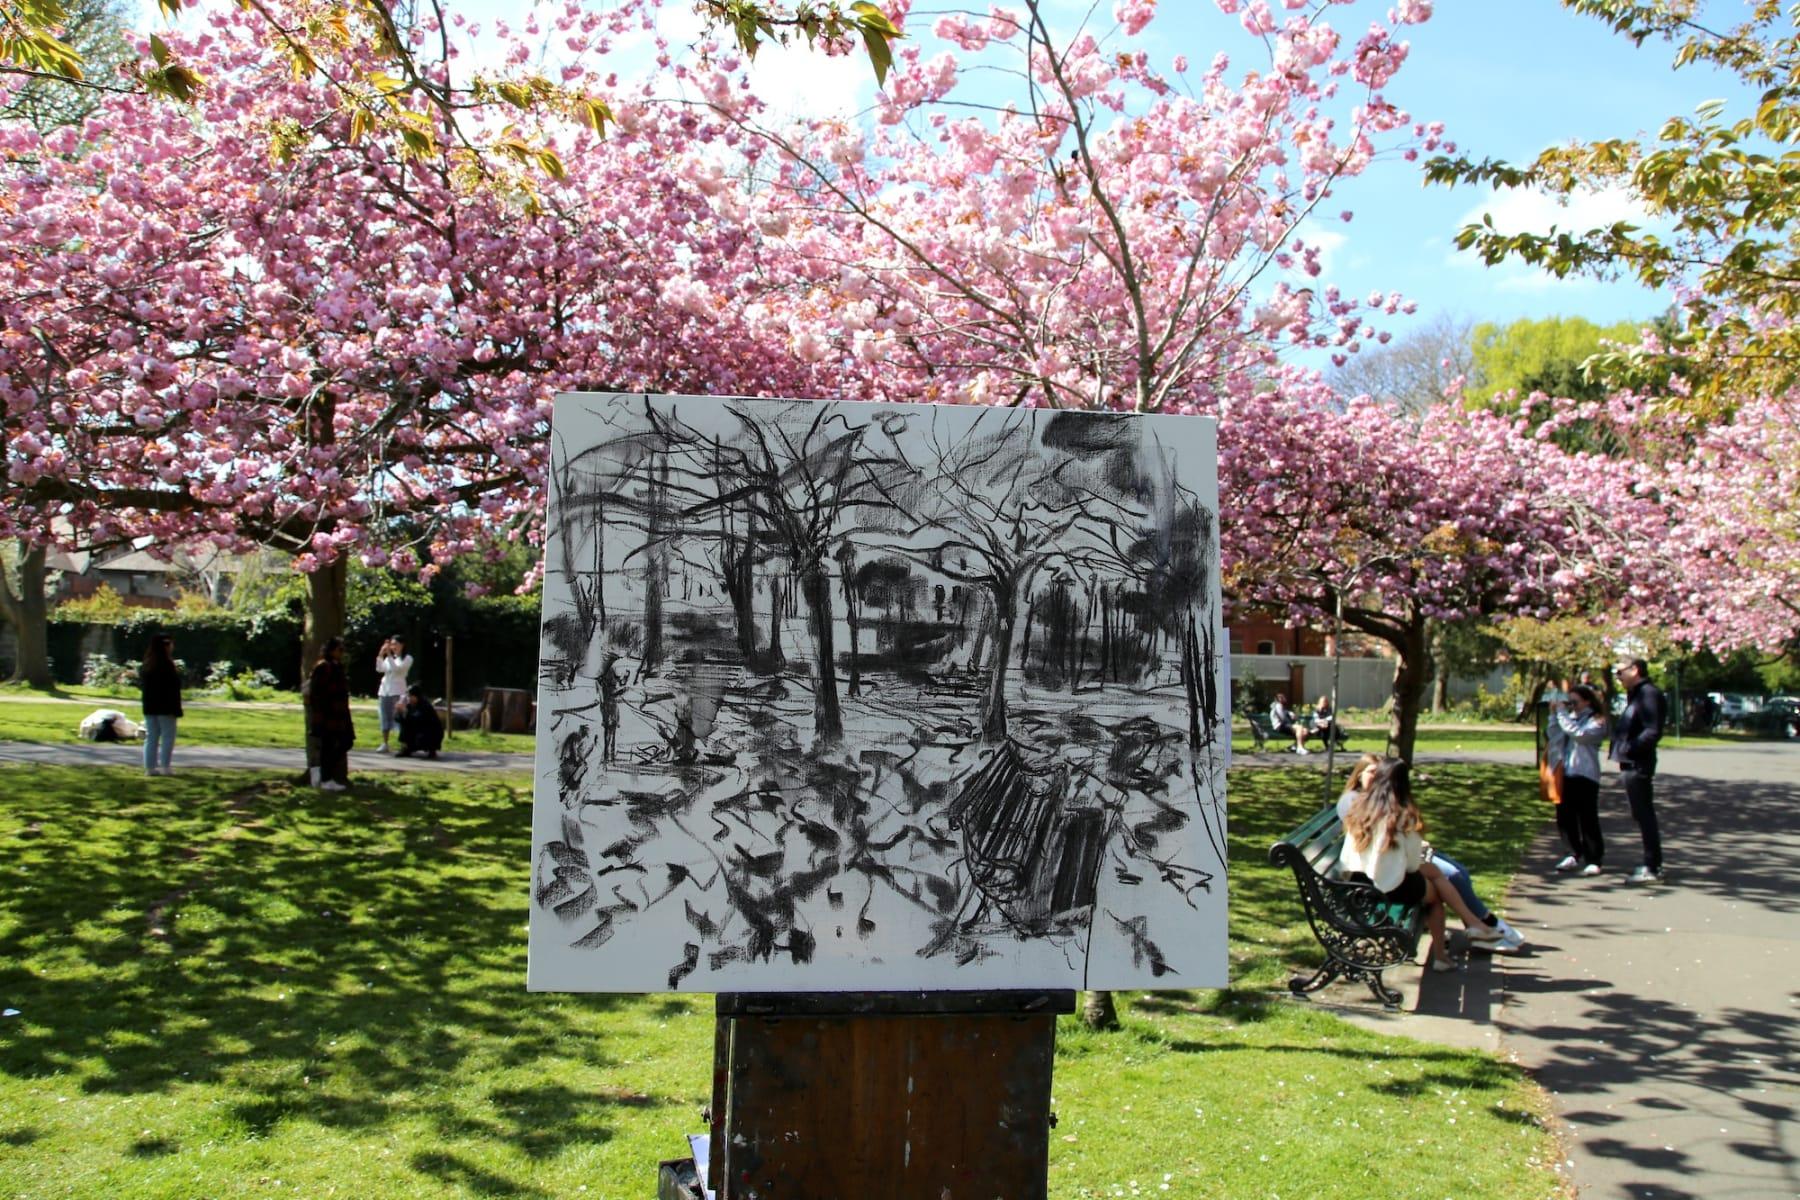 17 APRIL 2021 HERBERT PARK, DUBLIN Spring is Here! Herbert Park photo: Agata Byrne